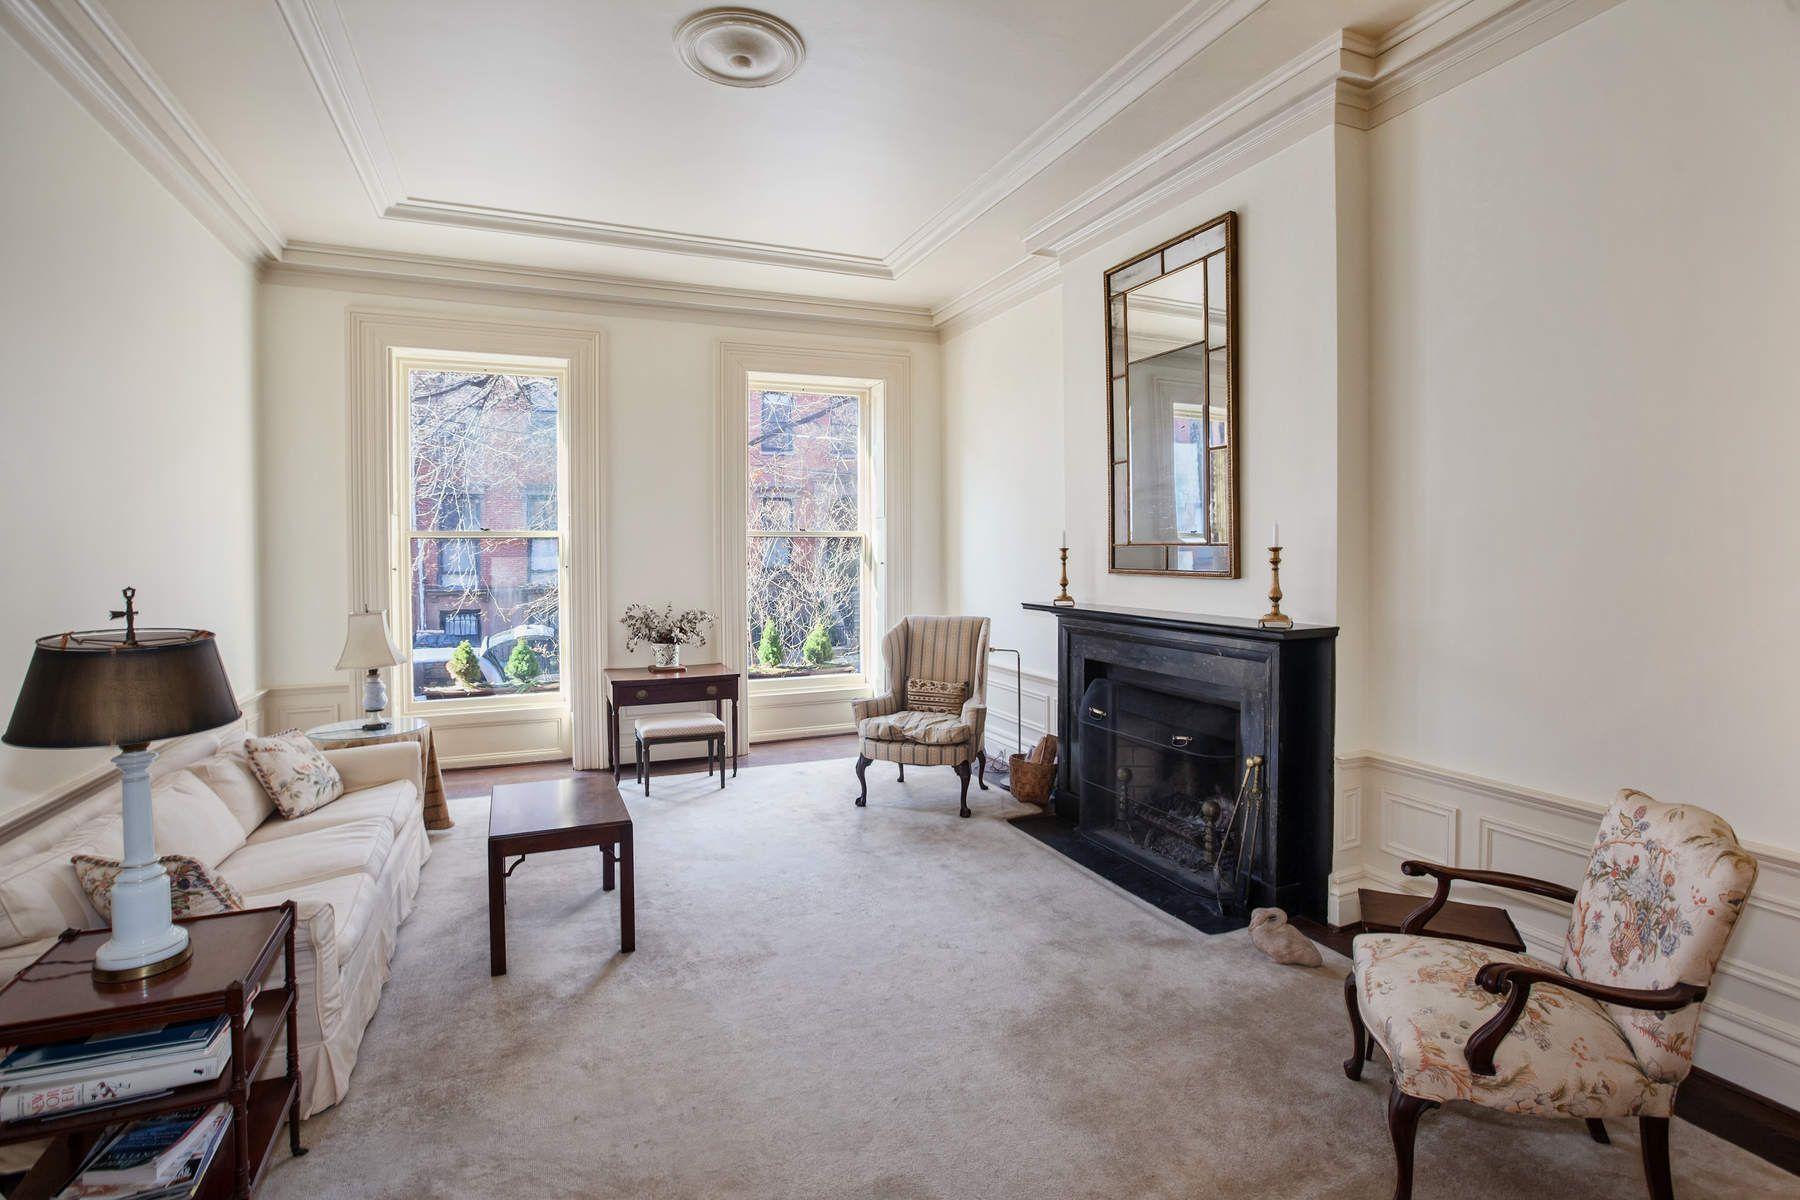 联栋屋 为 销售 在 Elegant & Spacious Prime Heights Home 261 Henry Street 布鲁克林, 纽约州 11201 美国